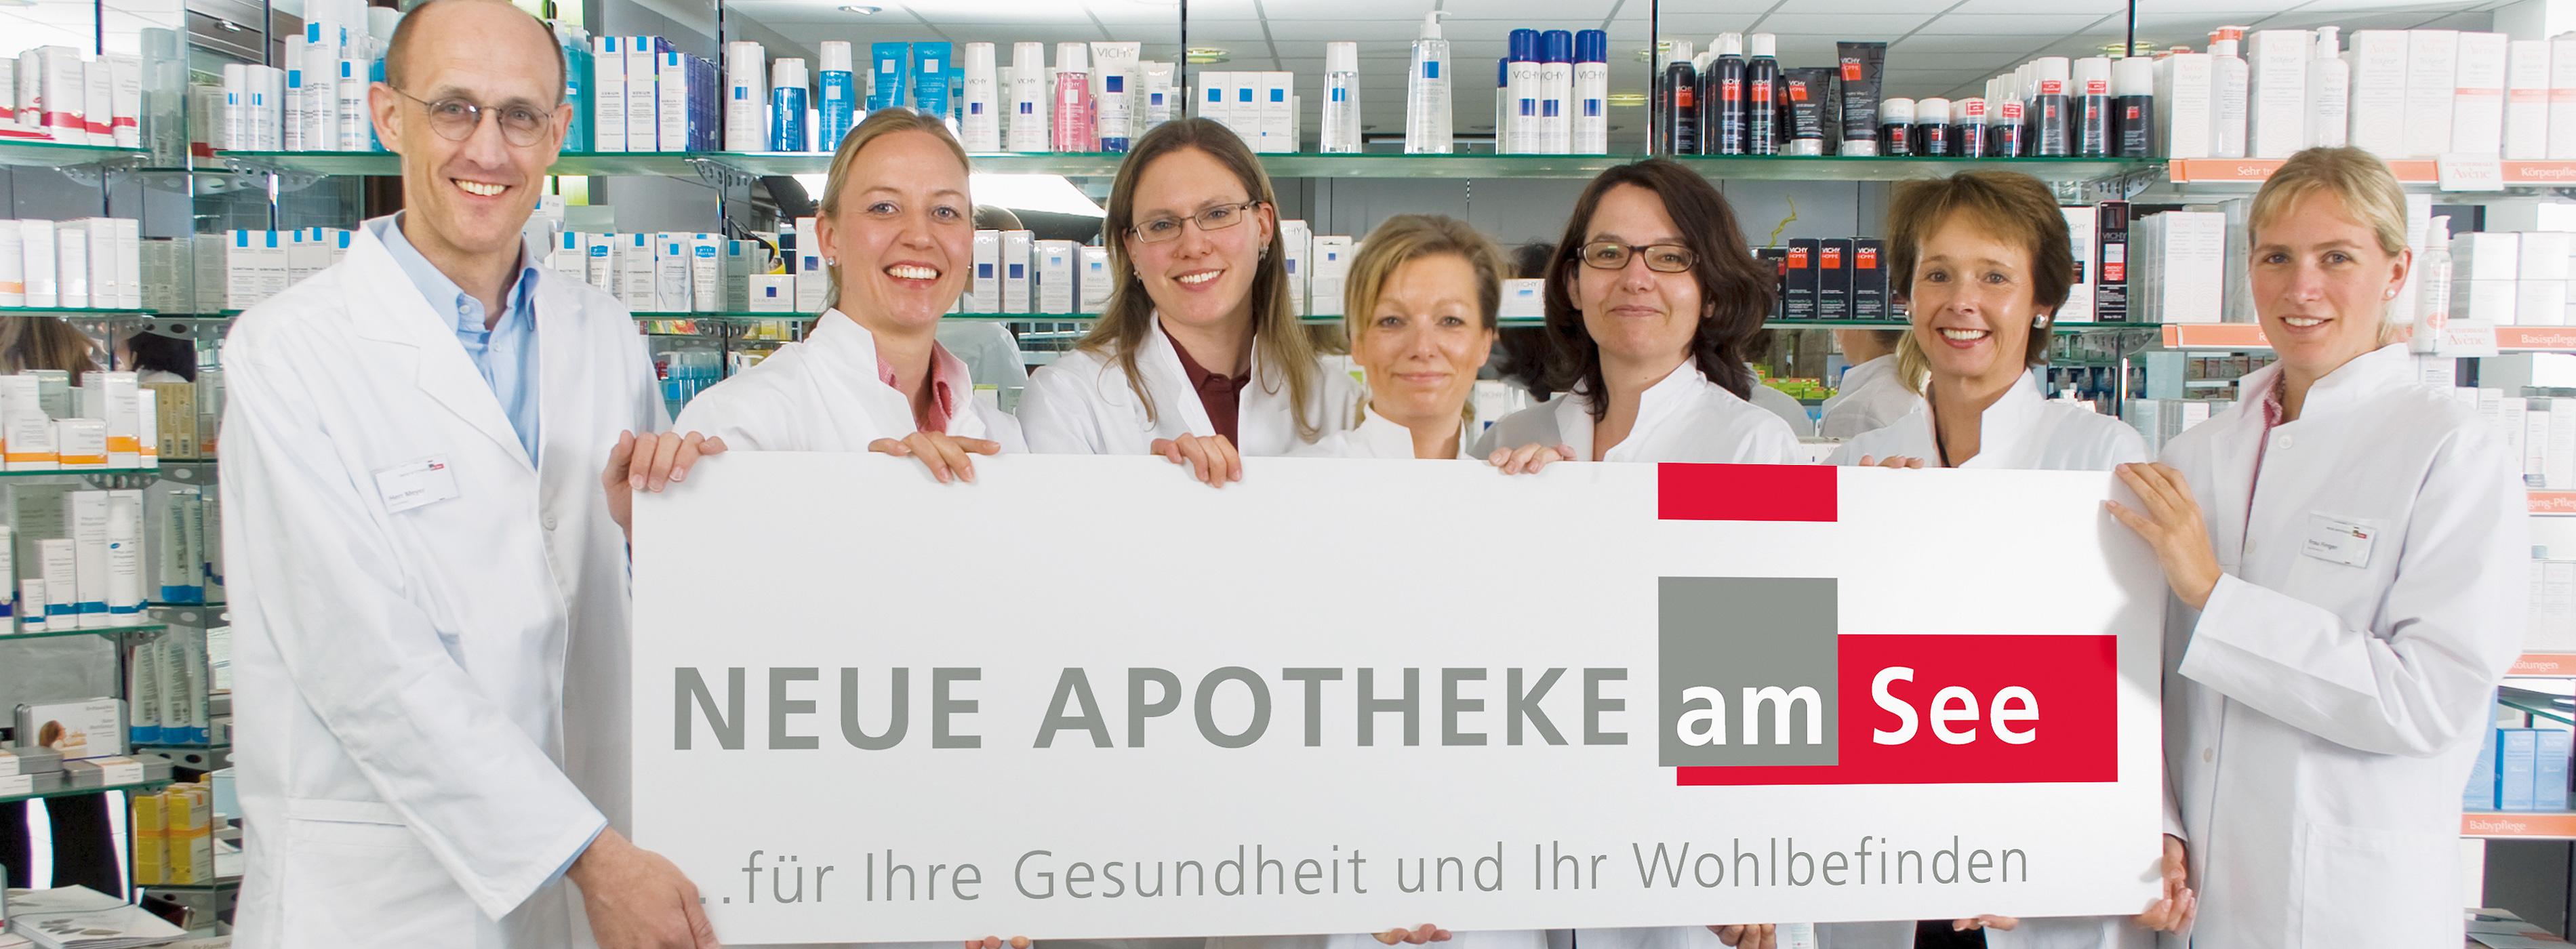 Apotheke Berlin Zehlendorf Schlachtensee Neue Apotheke am See